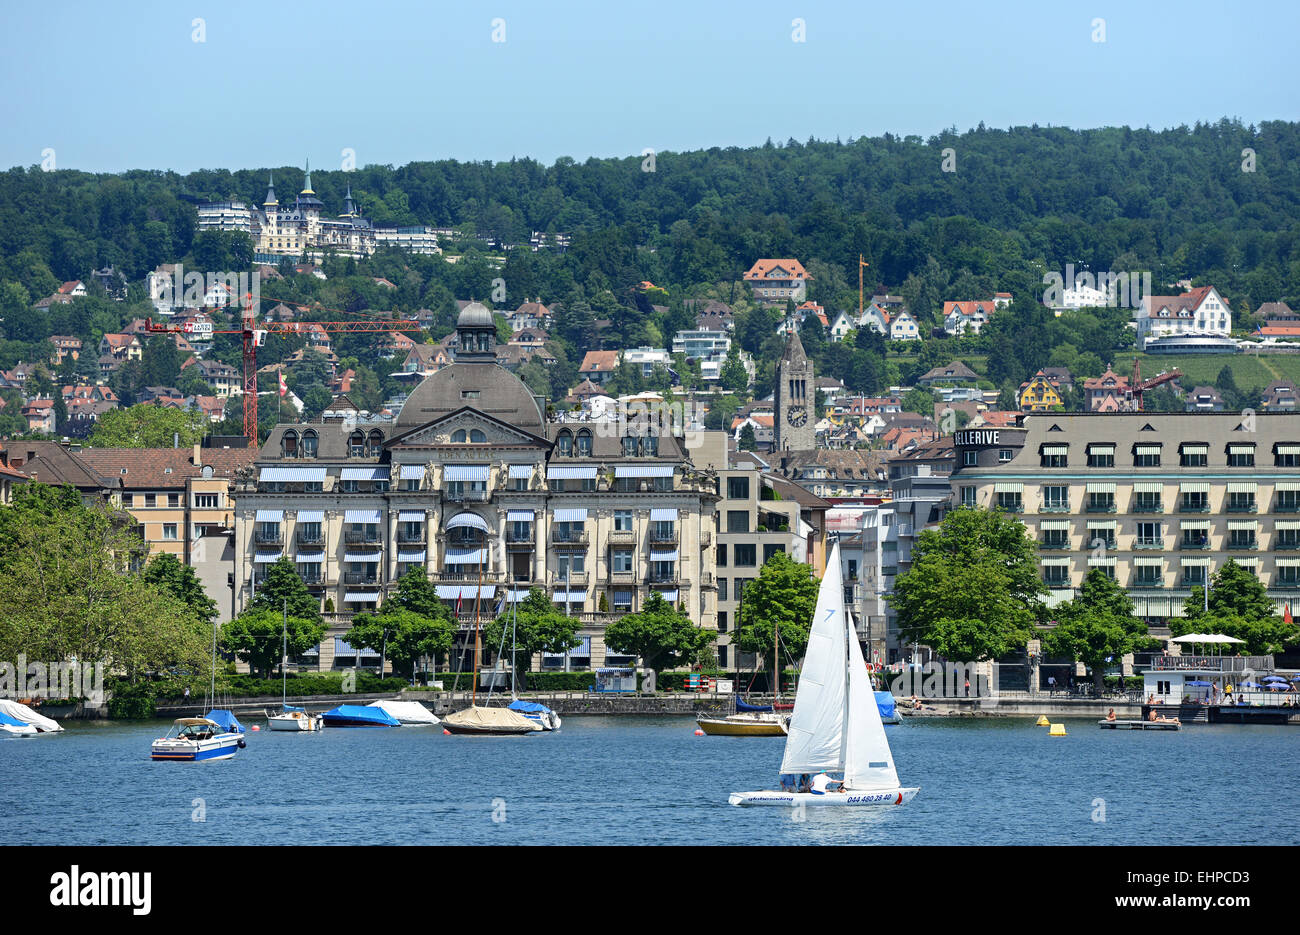 Zürichsee / Lake Zurich - Stock Image